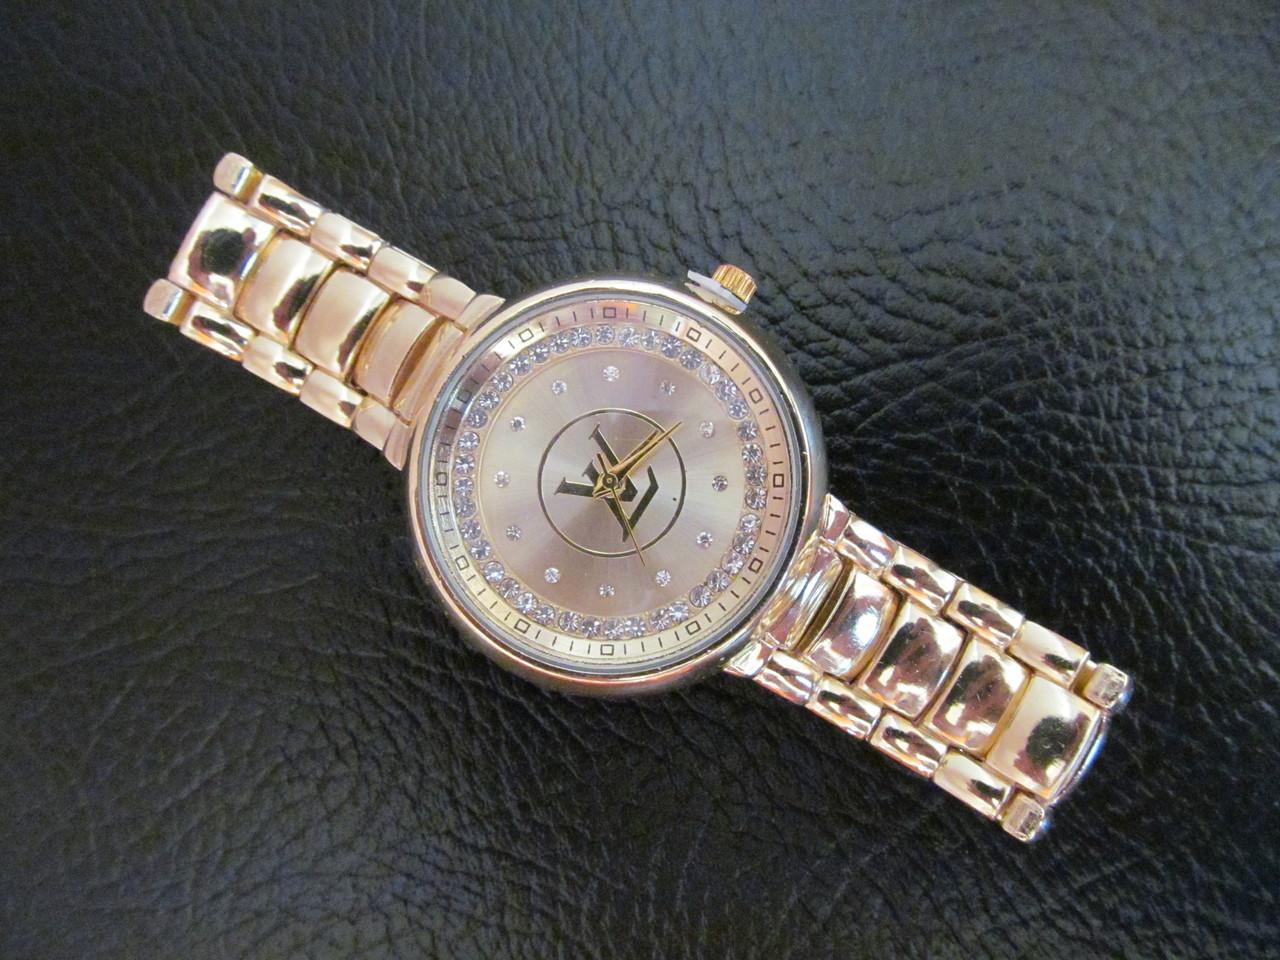 Луи витон женские наручные часы купить часы в крыму мужские